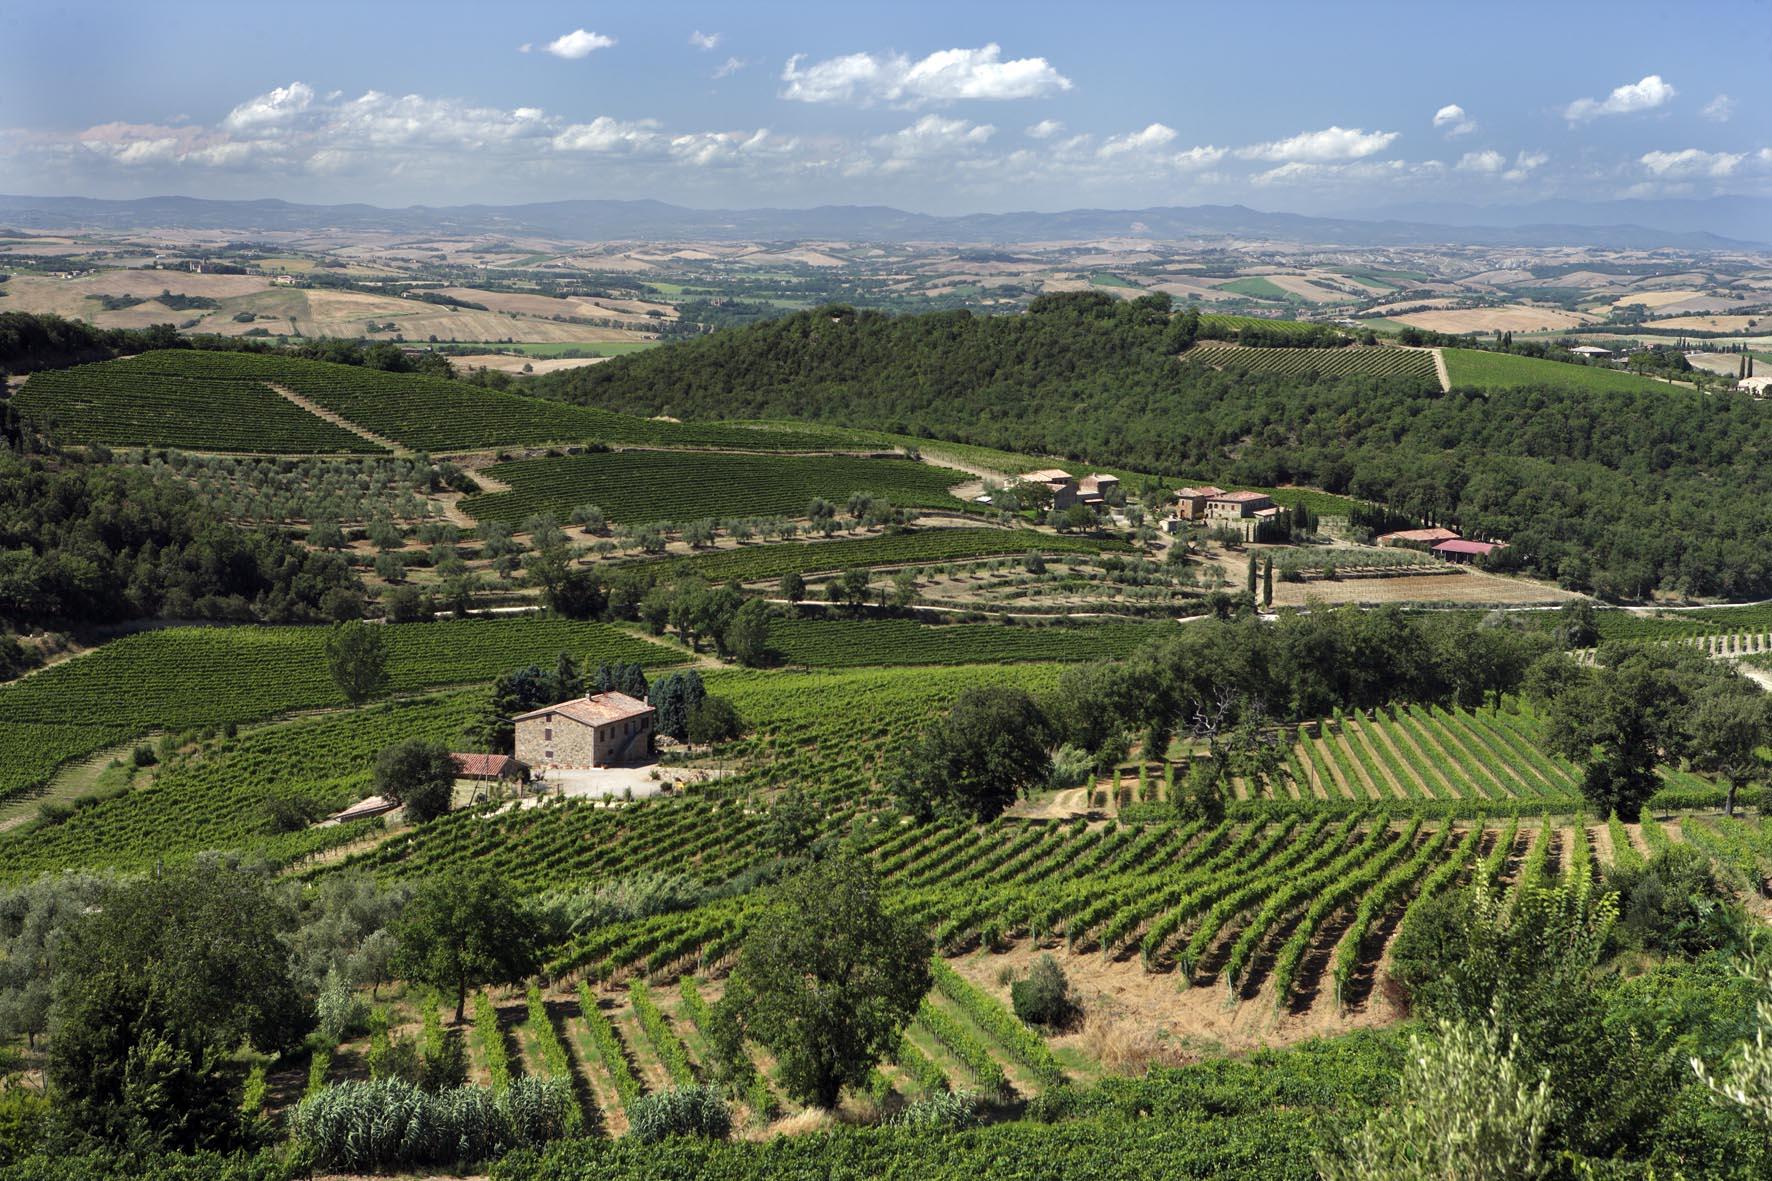 Vigne-Montalcino-4